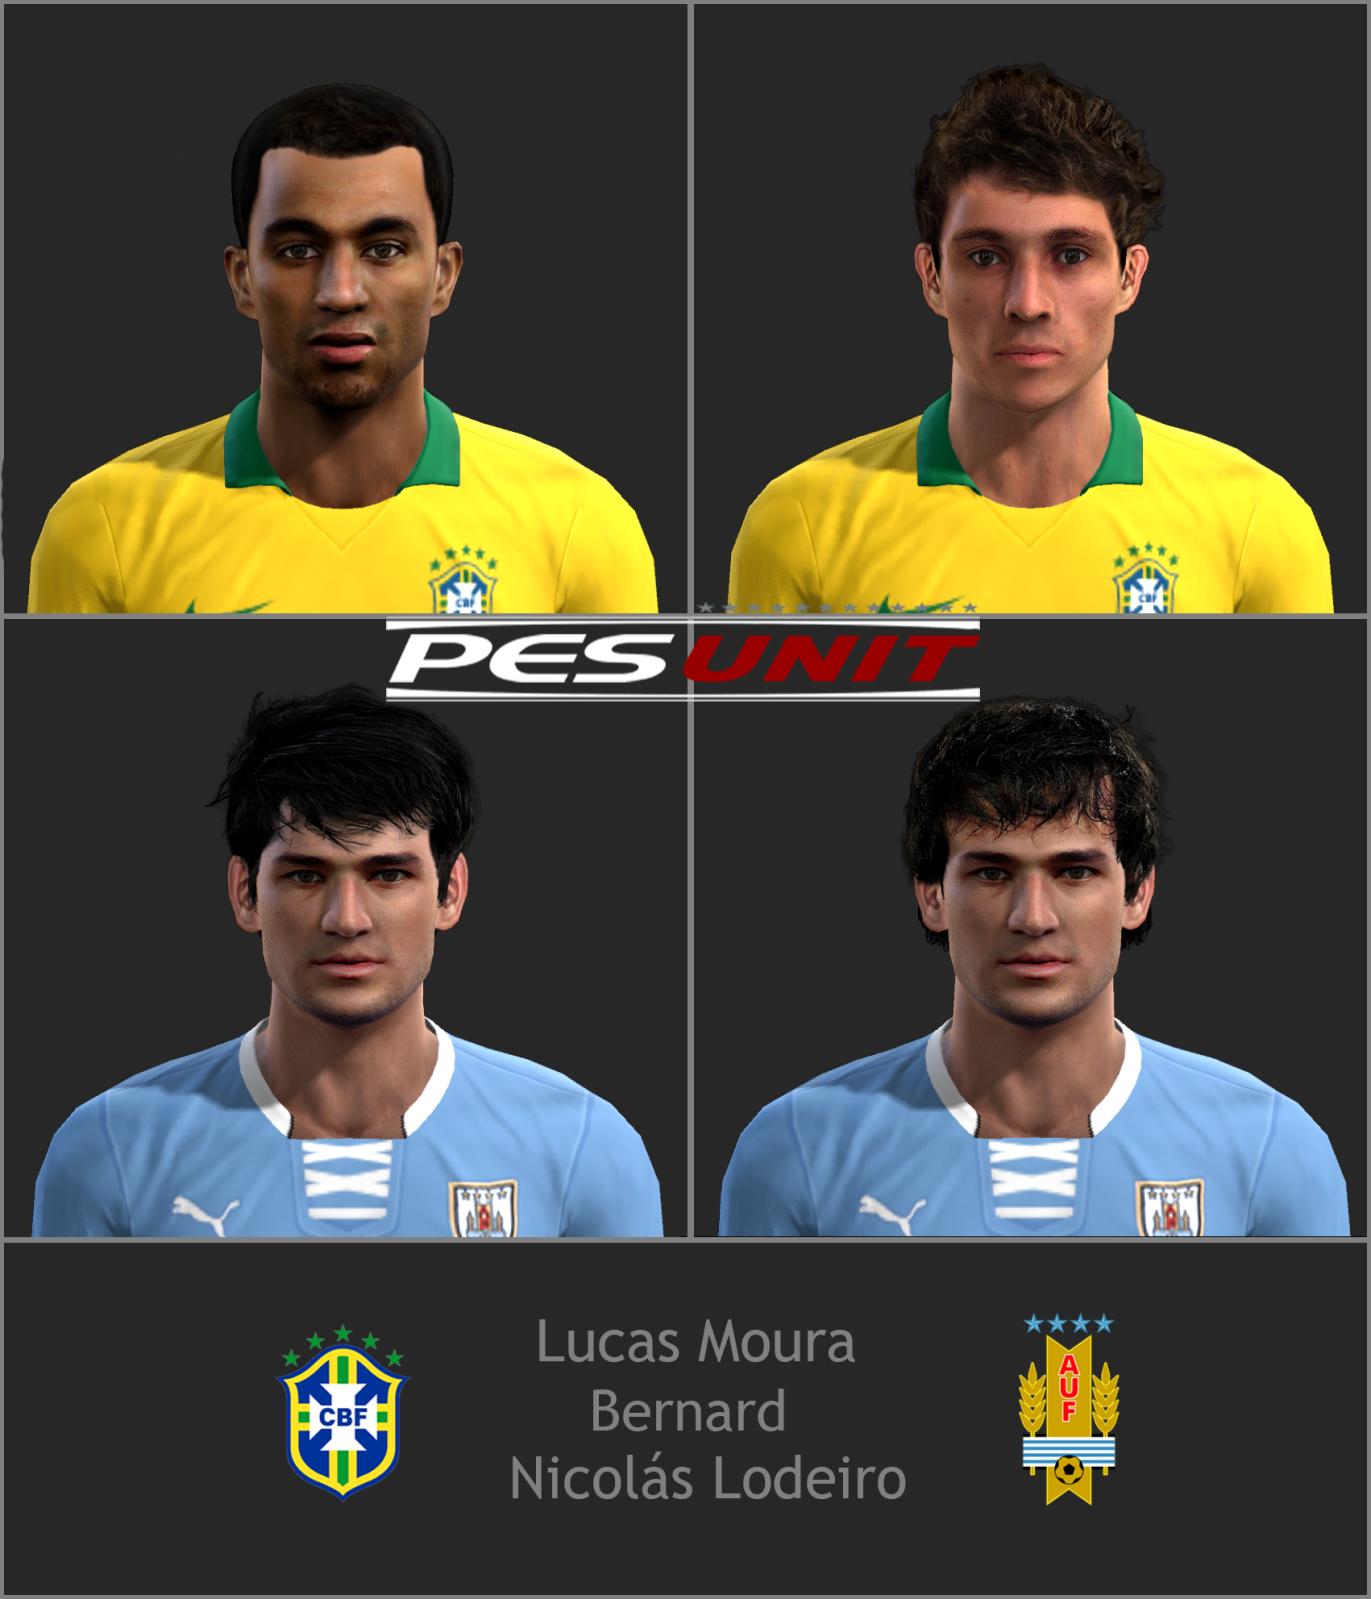 Coisas Para Pes Pes 2013 Face Lucas Moura: Tudo Para Seu PES 2014, 2013 E 2012